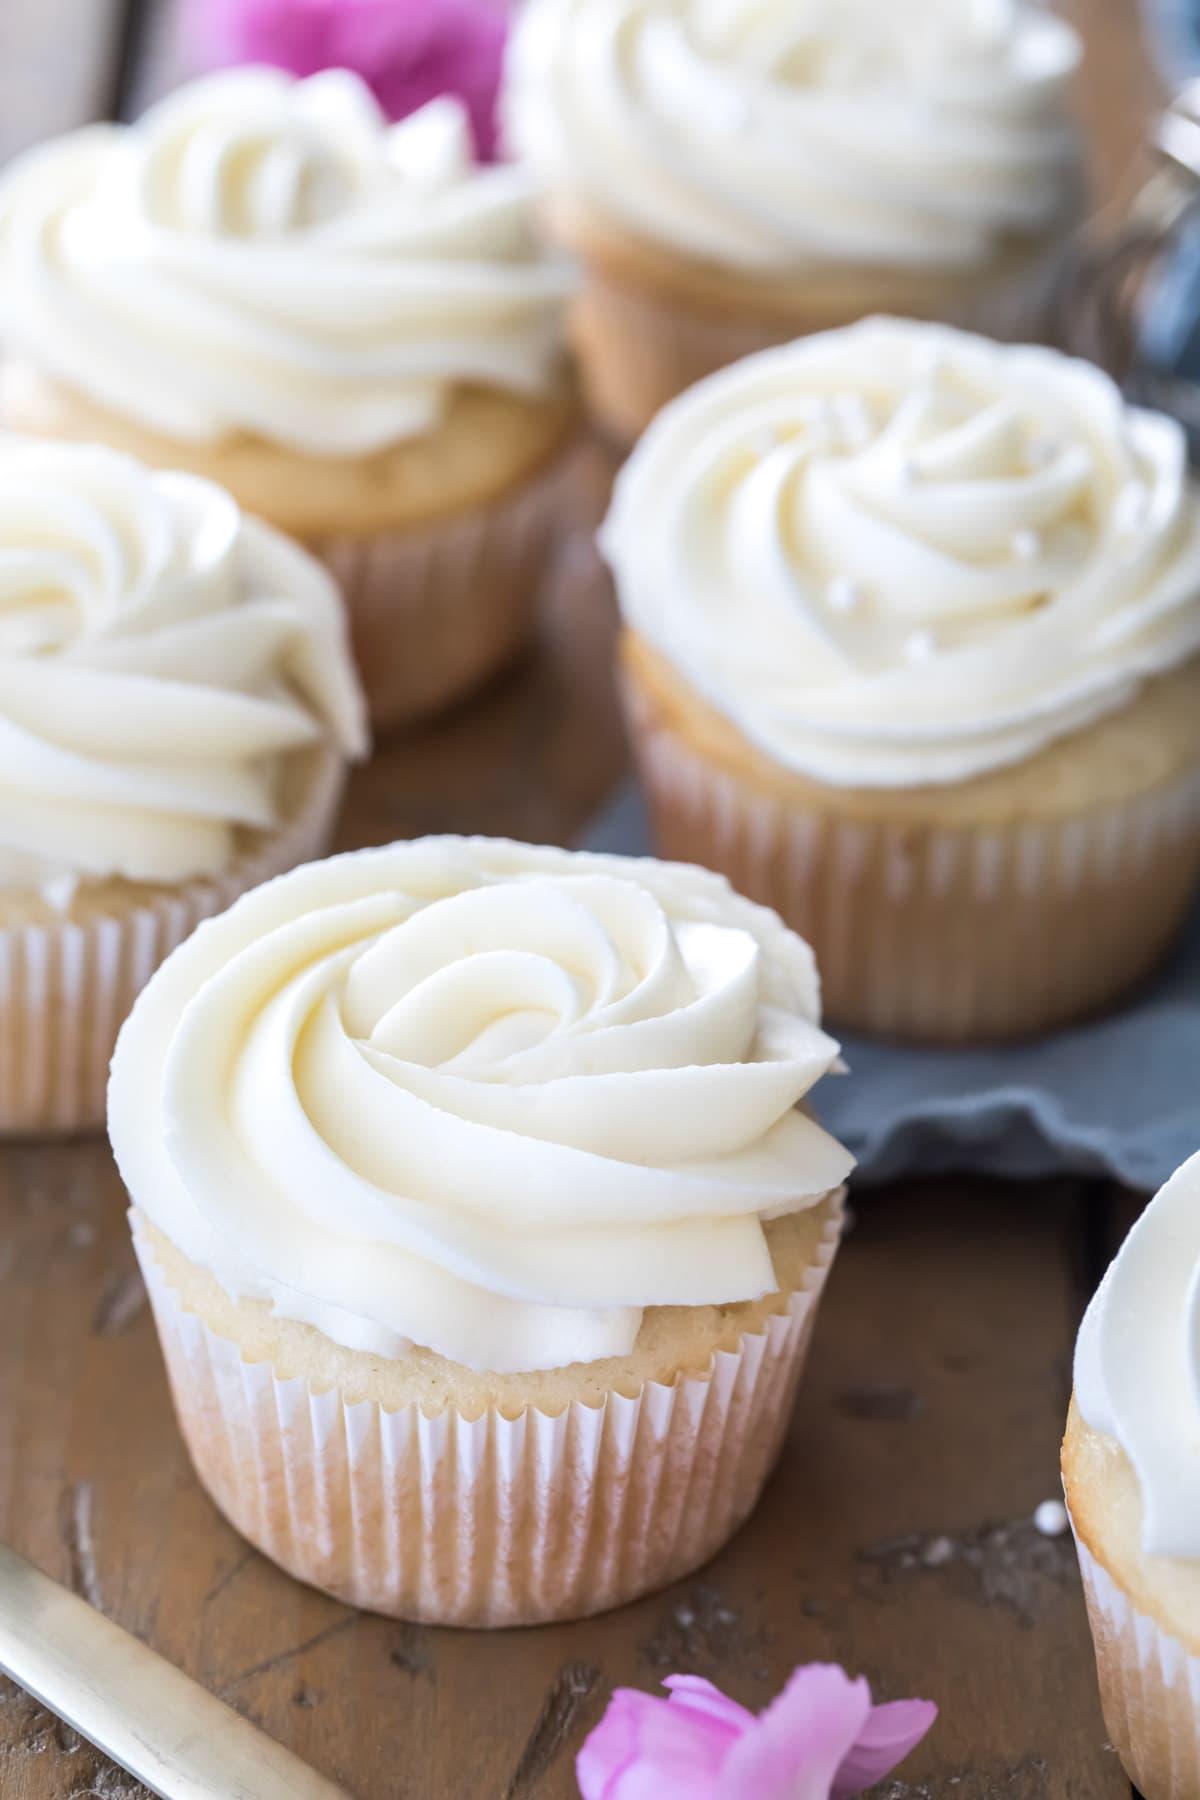 cupcakes with white chocolate swirls